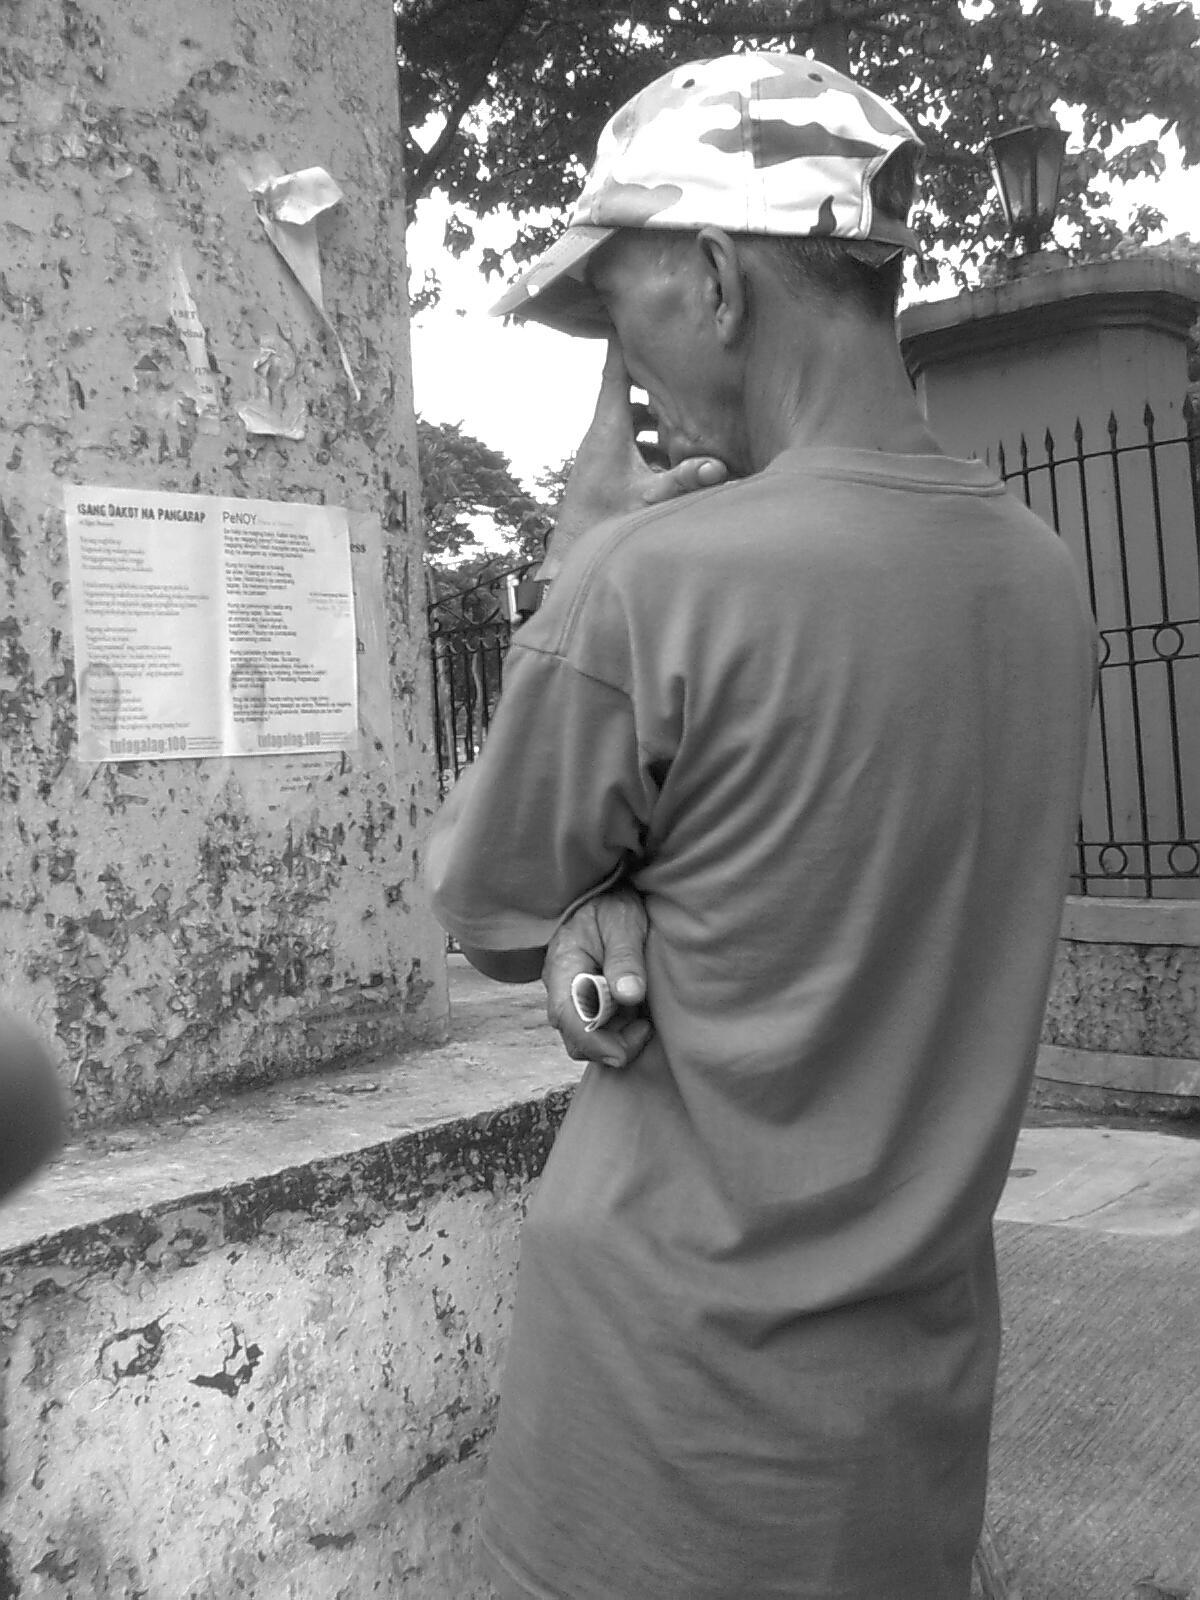 Halimbawa Ng Pormal At Di Pormal Navy Sanaysay